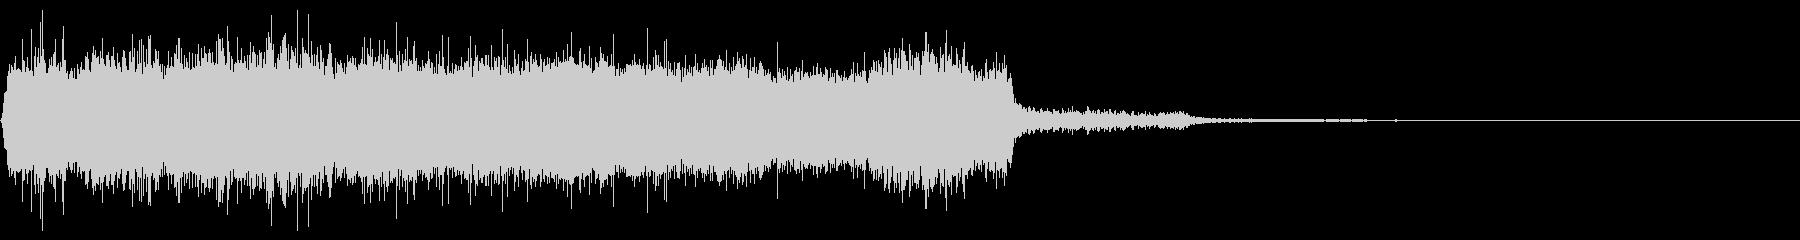 歪んだロックバンパー5の未再生の波形